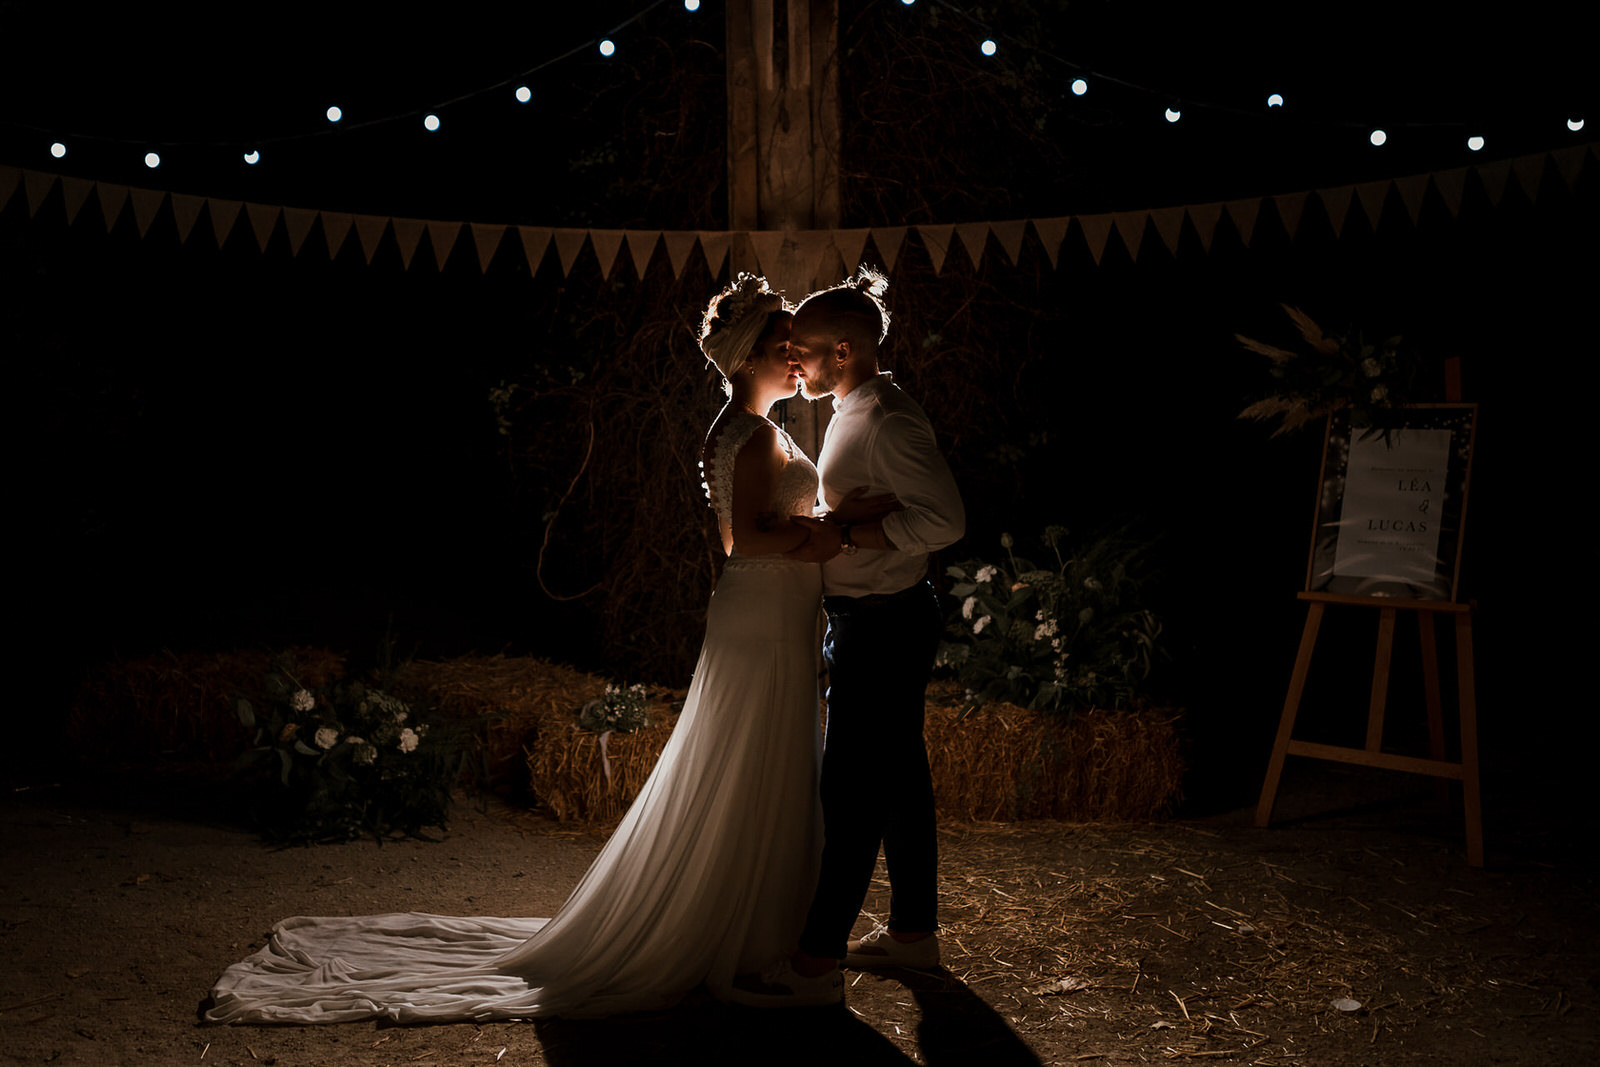 photographe mariage blois ceremonie laique